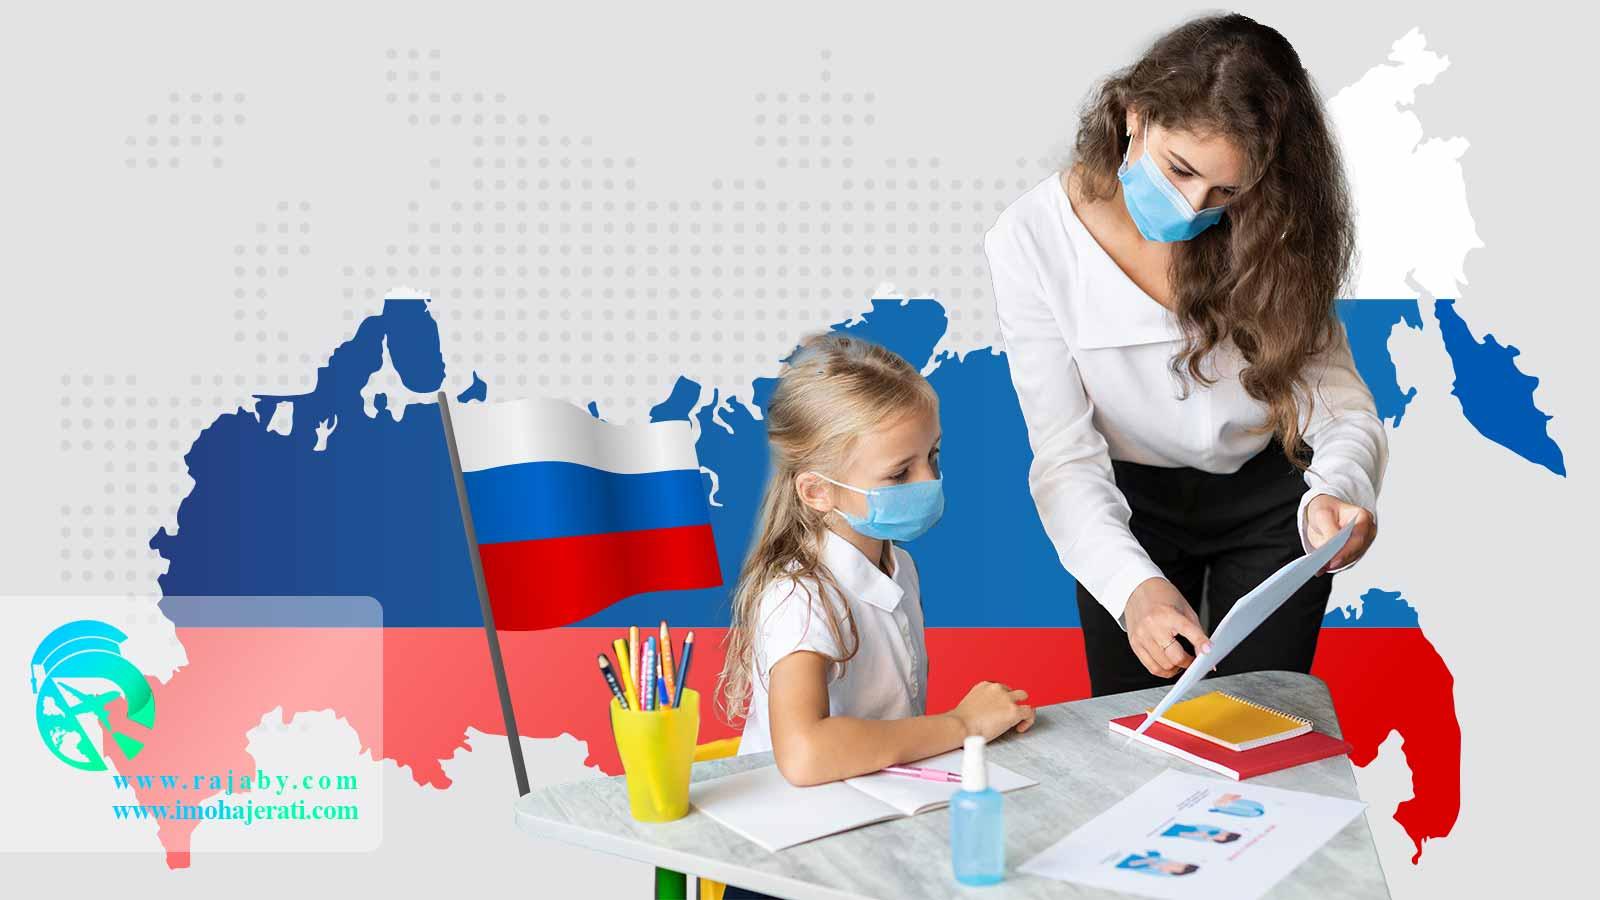 نظام آموزشی بین المللی در روسیه